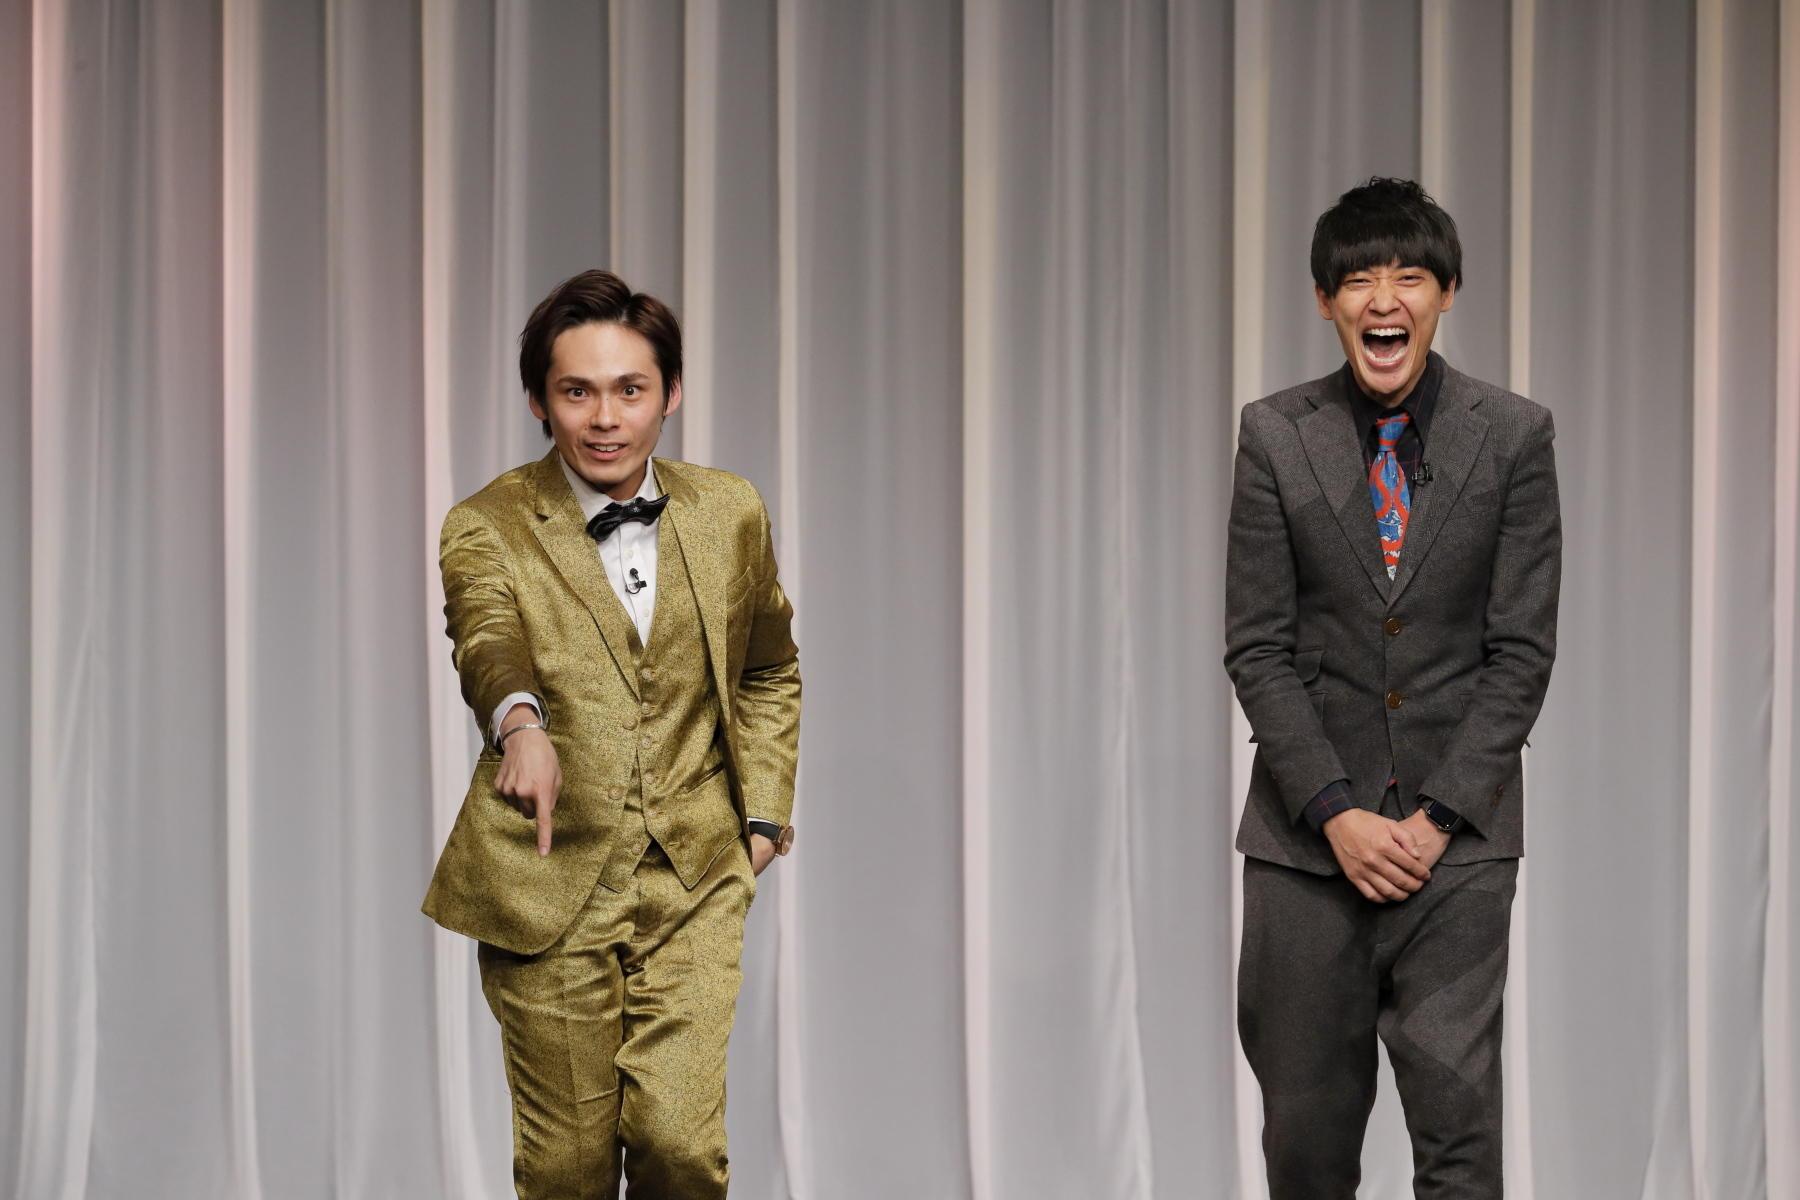 http://news.yoshimoto.co.jp/20181204221935-d640651b2ff3bae97873a4d66f1434c5a4999c47.jpg